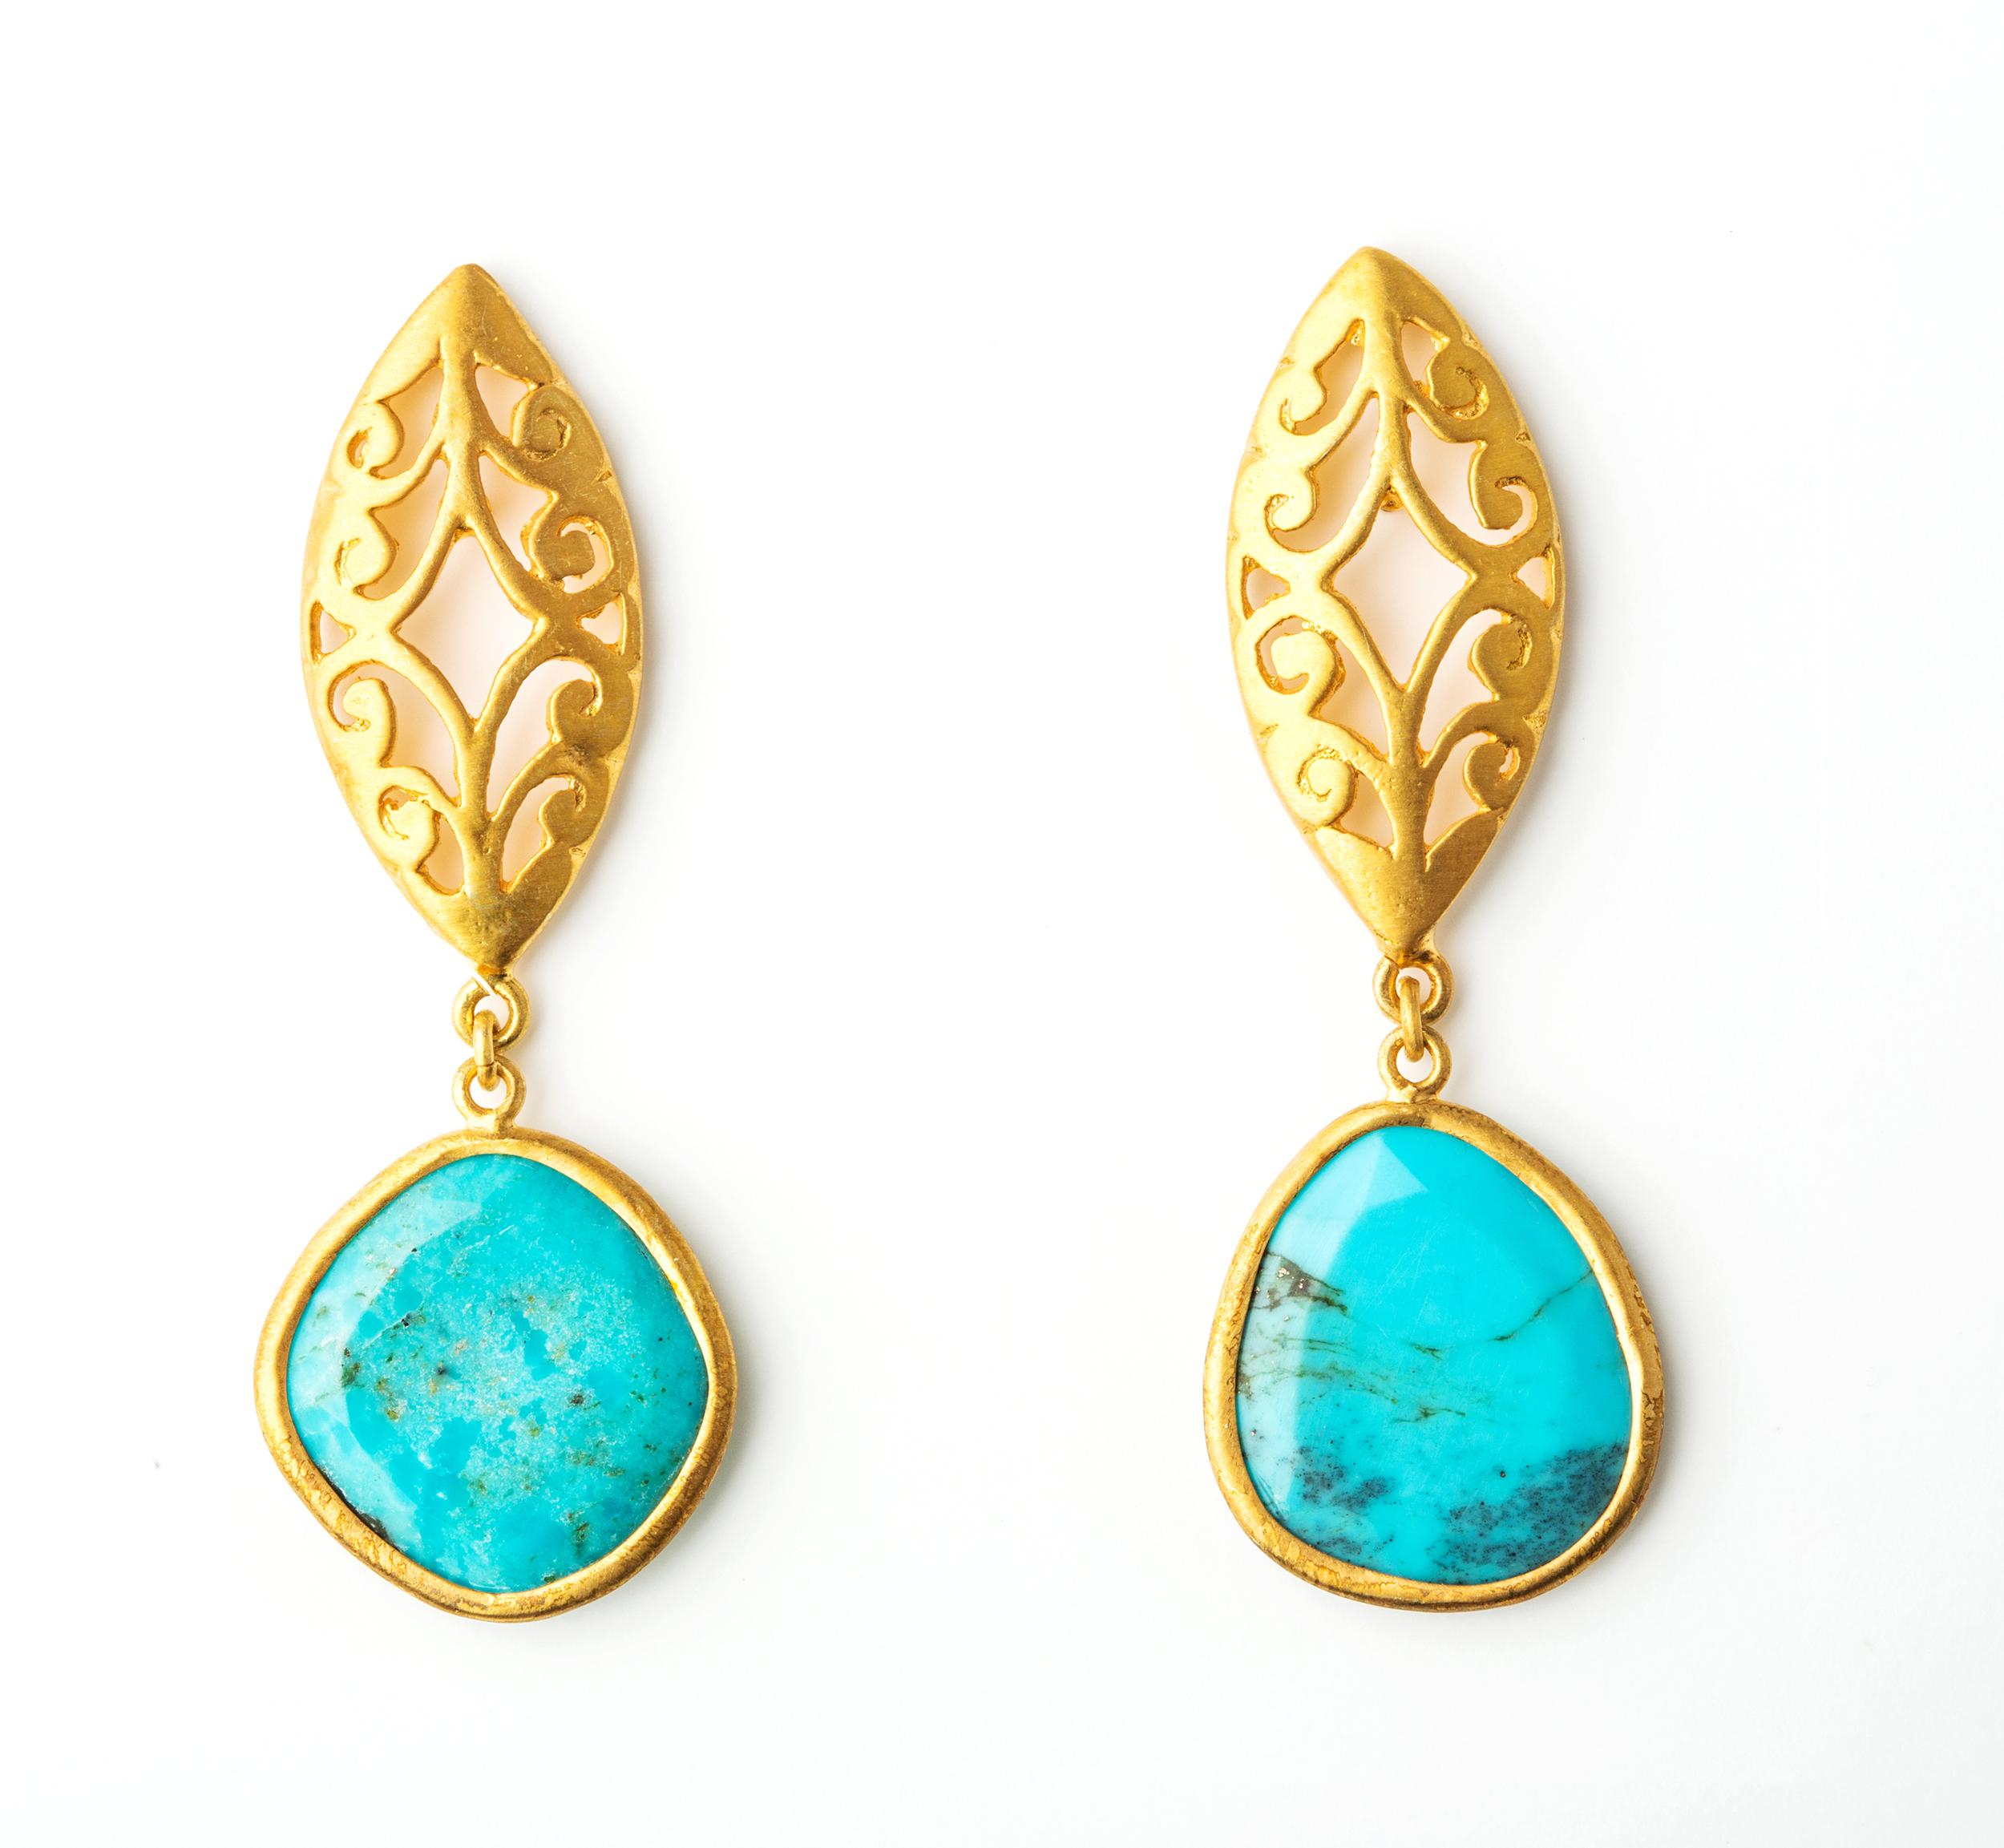 Jewellery at The Big Door